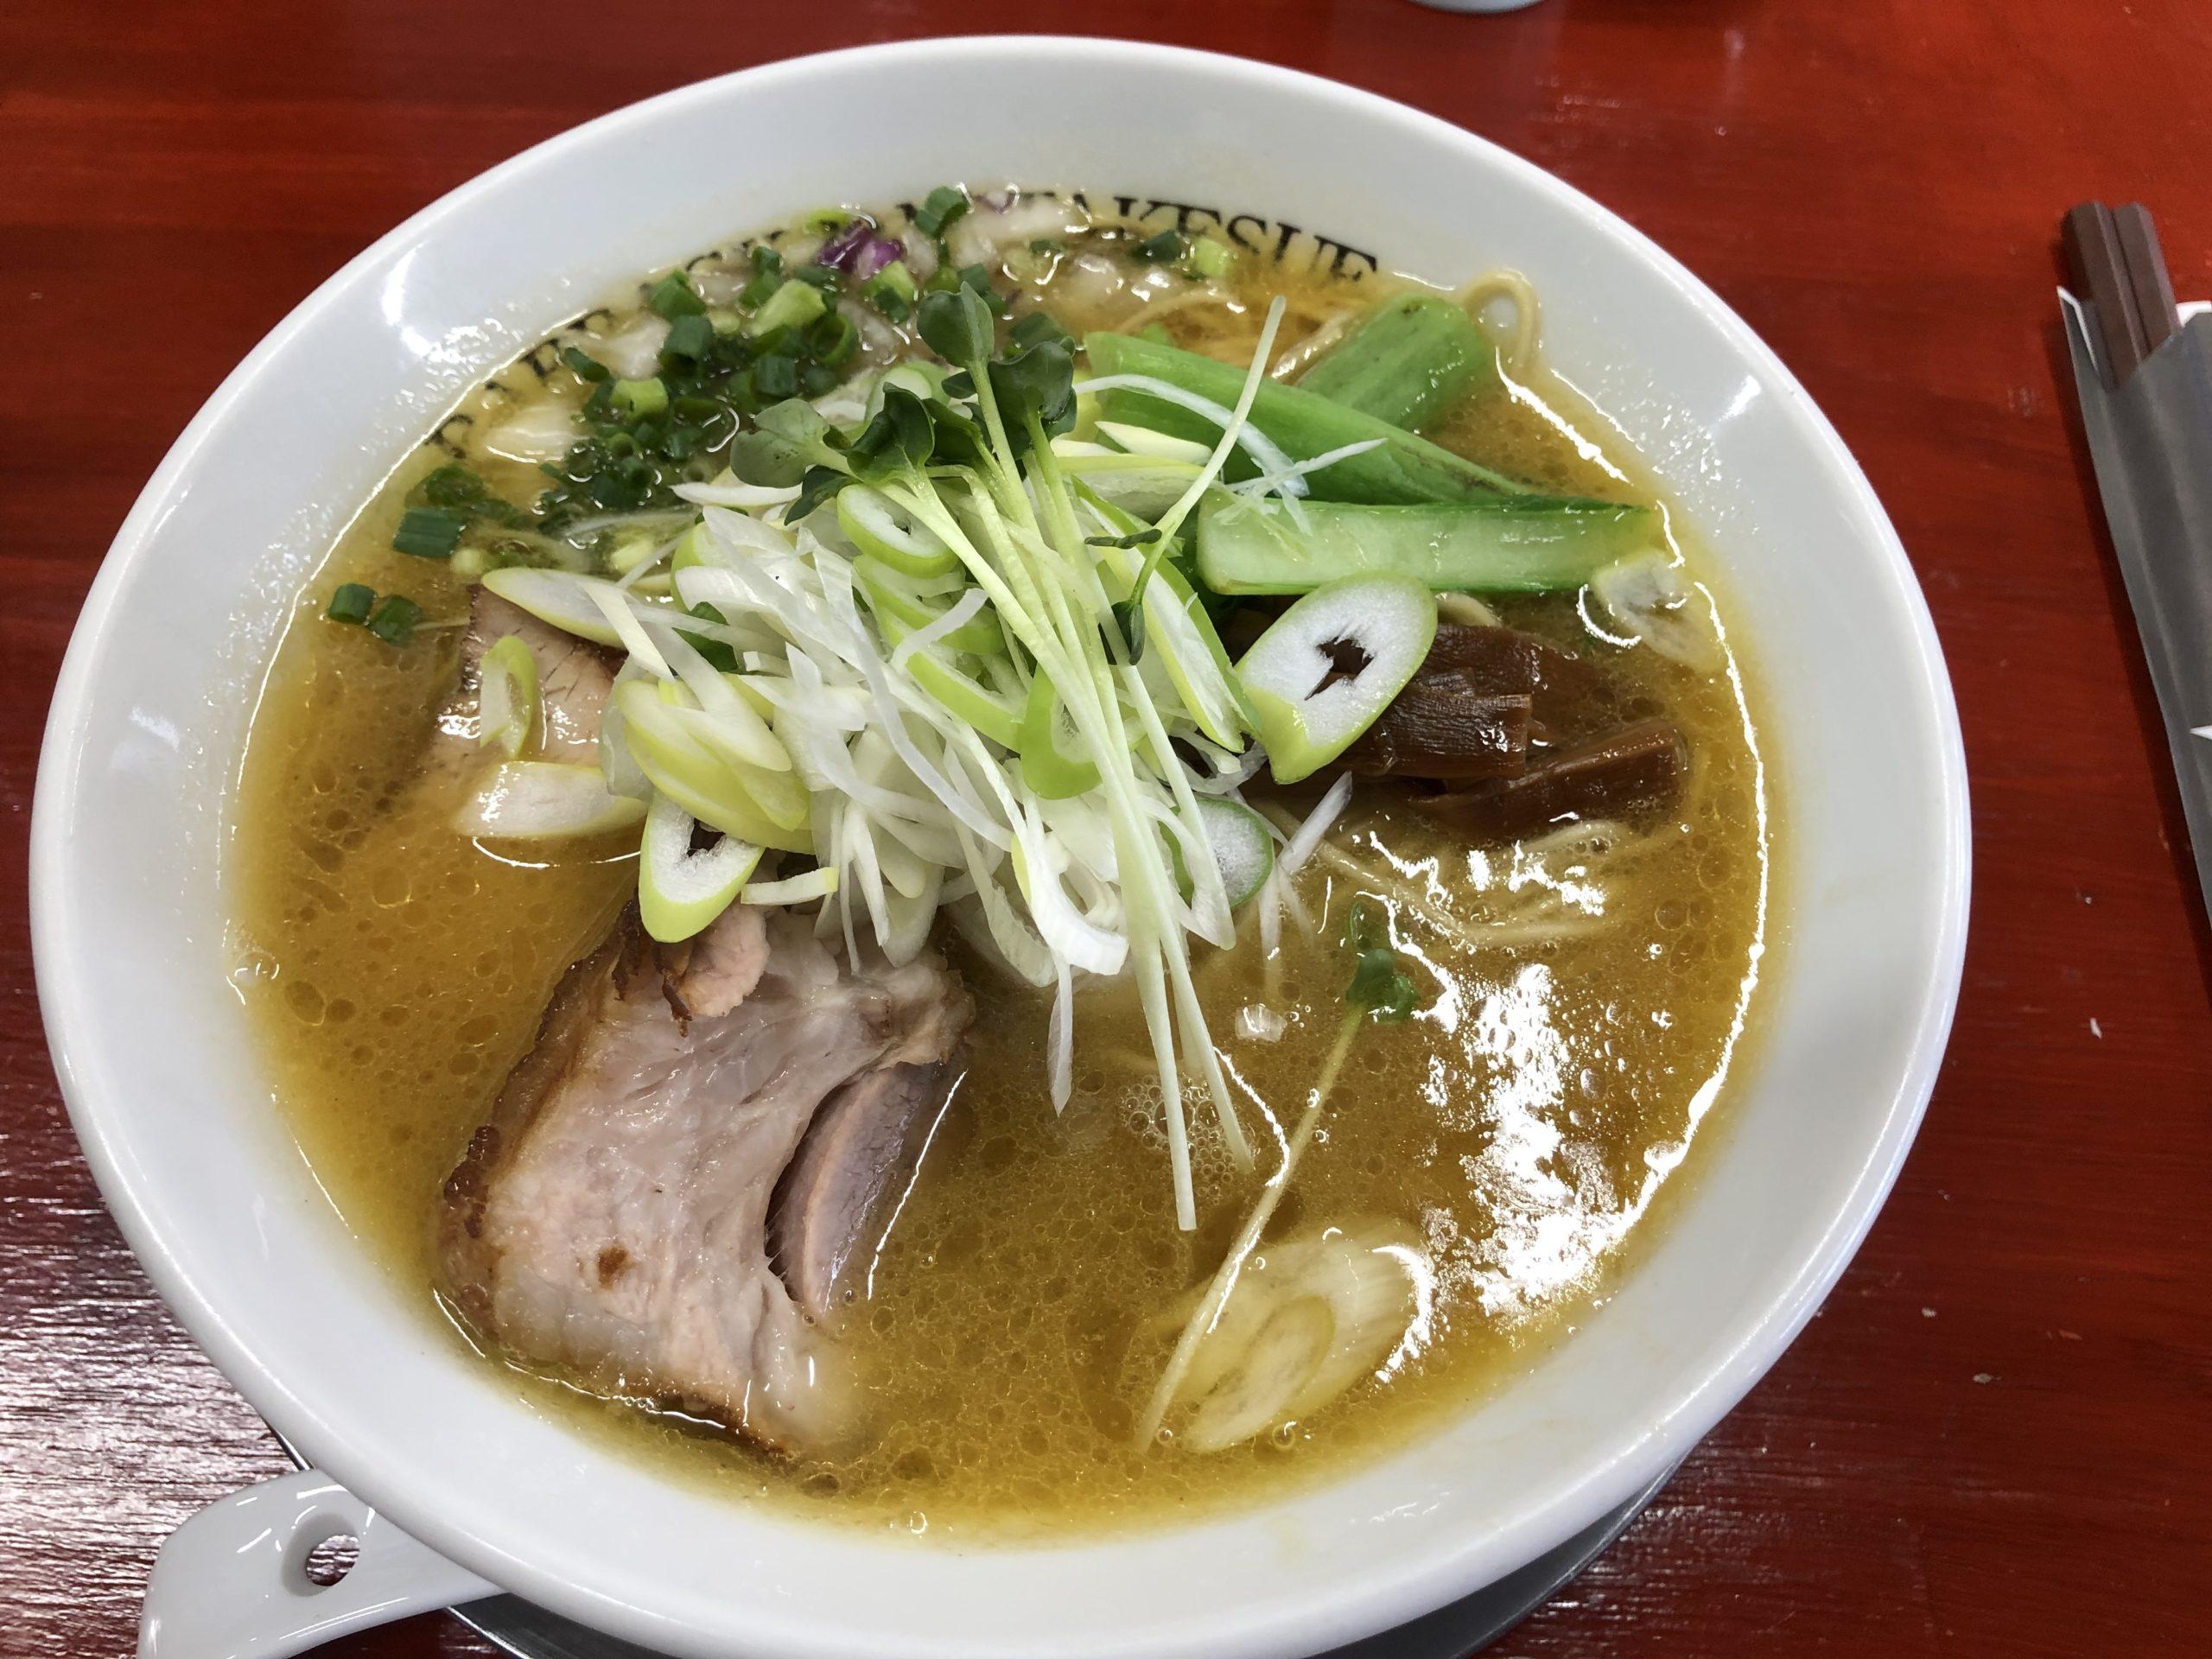 鹿沼環状線沿い、YAZAWAでおなじみ竹末系ラーメン店「BARRACK D.M 竹末」の濃厚鶏中華とローストポーク丼を食べてきました